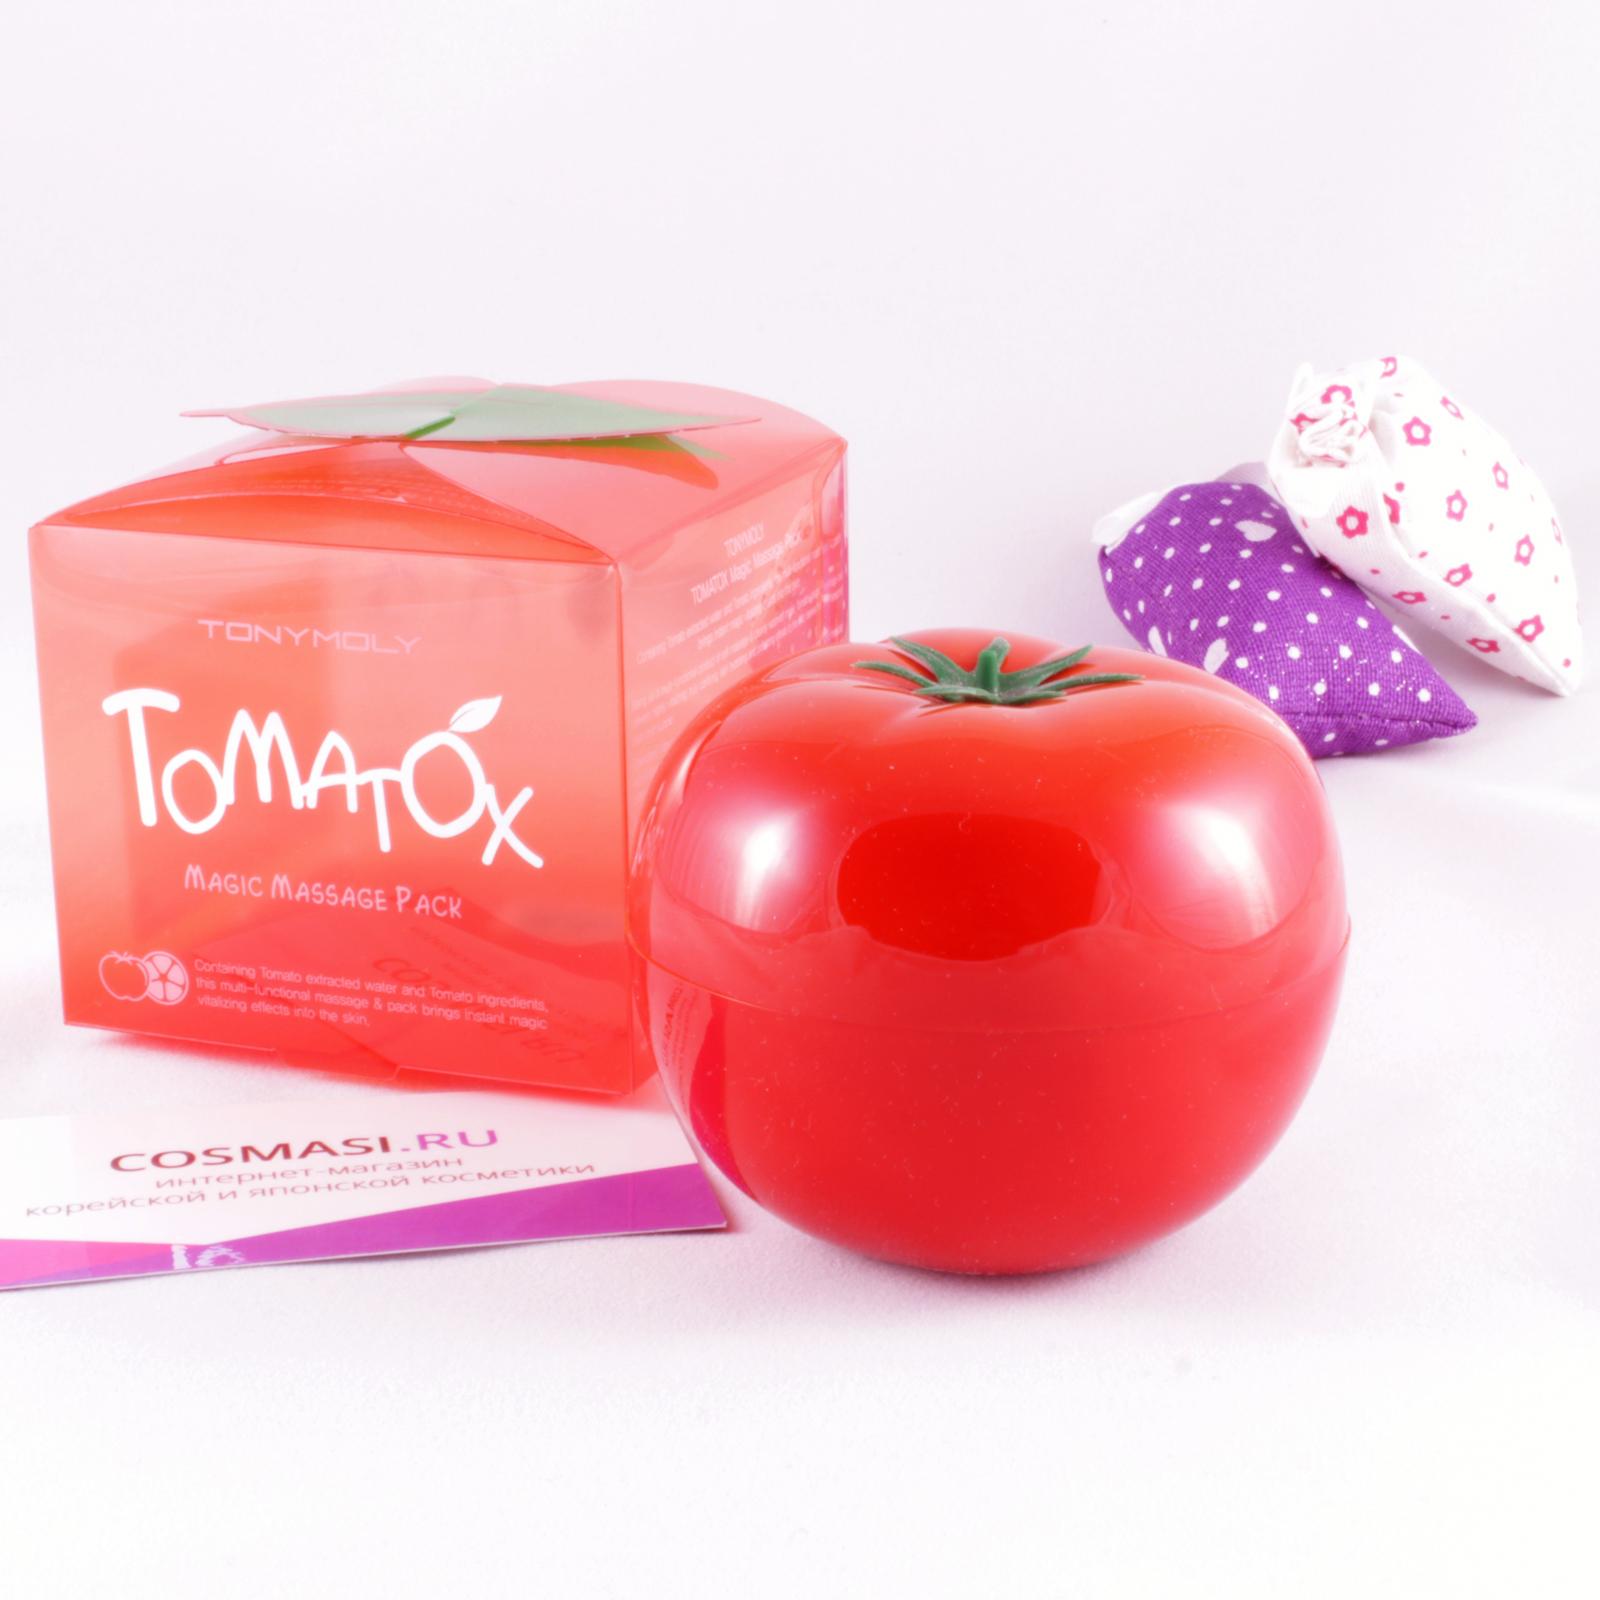 маска для лица томатная  tony moly tomatox magic massage packTOMATOX MAGIC MASSAGE PACK. Маска для лица томатная осветляющая и выводящая токсины.<br><br>Томатная маска содержит экстракт помидоров и других овощей и предназначена для мгновенного приведения кожи в отличное состояние с помощью двойного эффекта - выравнивание тона кожи и детоксикации кожи, то есть выведение токсинов.<br><br>Благодаря составу маски, кожа становится ровной, пятна заметно светлеют, а кожа выглядит здоровой и свежей.<br><br>Маска особенно подходит для чувствительной кожи.<br><br>Содержит витамин А и другие ингридиенты которые помогают снять отечность и раздражение на лице.<br><br>Эта маска подходит для кожи с пигментацией, а также тусклой кожи из-за плохой циркуляции крови и из-за вредных привычек.<br><br>Способ применения: Нанести на очищенное лицо и помассировать пару минут. Оставить маску на лице на 5-10минут, а затем смыть теплой водой.<br><br>Вес г: 80.00000000